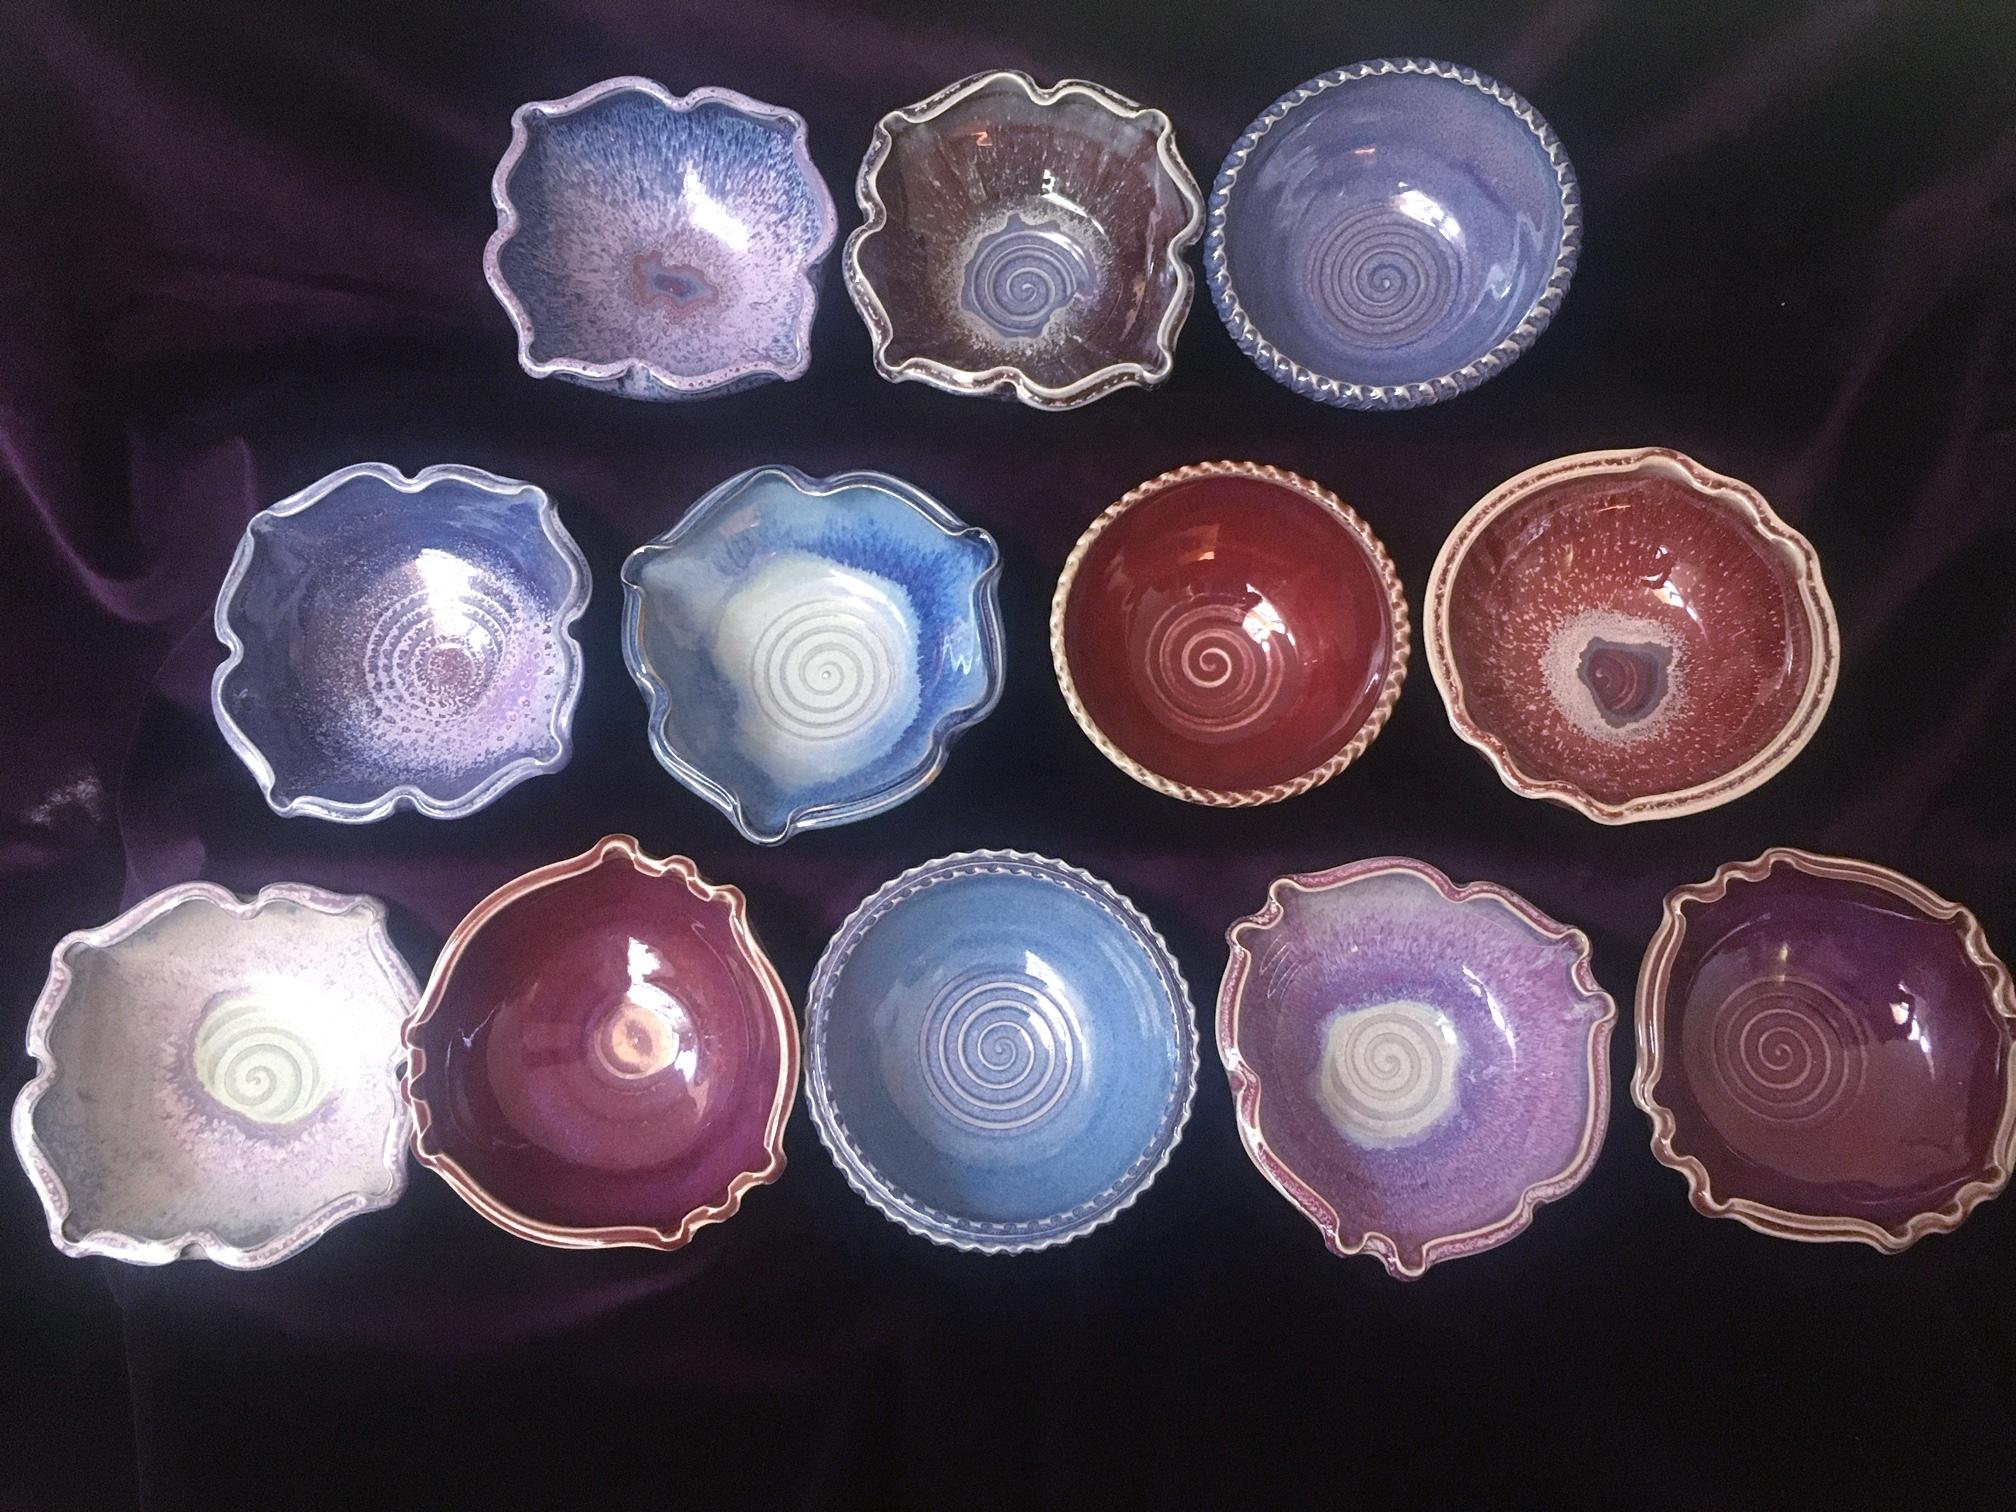 https://0901.nccdn.net/4_2/000/000/04b/787/bowls1.JPG